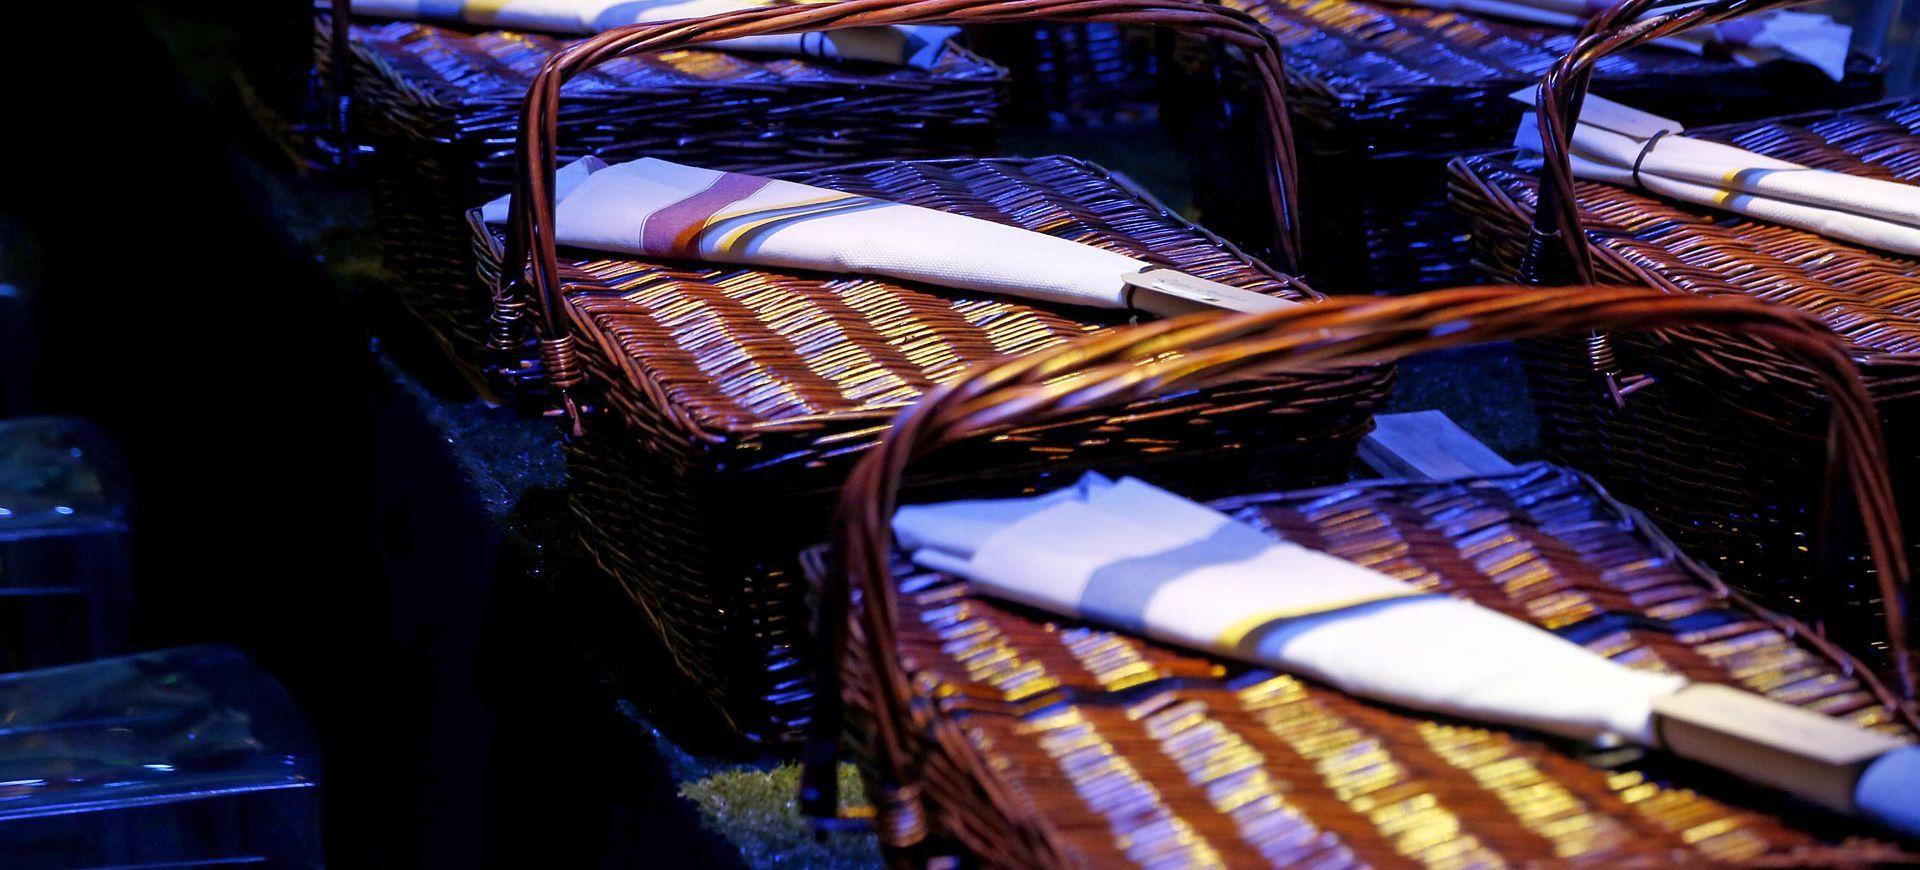 保羅•派里(Paul Pairet)透過一套由七道菜餚組成的豐富晚餐,為大家帶來多重感官體驗,並展現他對法式生活藝術的理解。  相片來源:蓋帝圖像(Getty Images)為馬爹利干邑拍攝